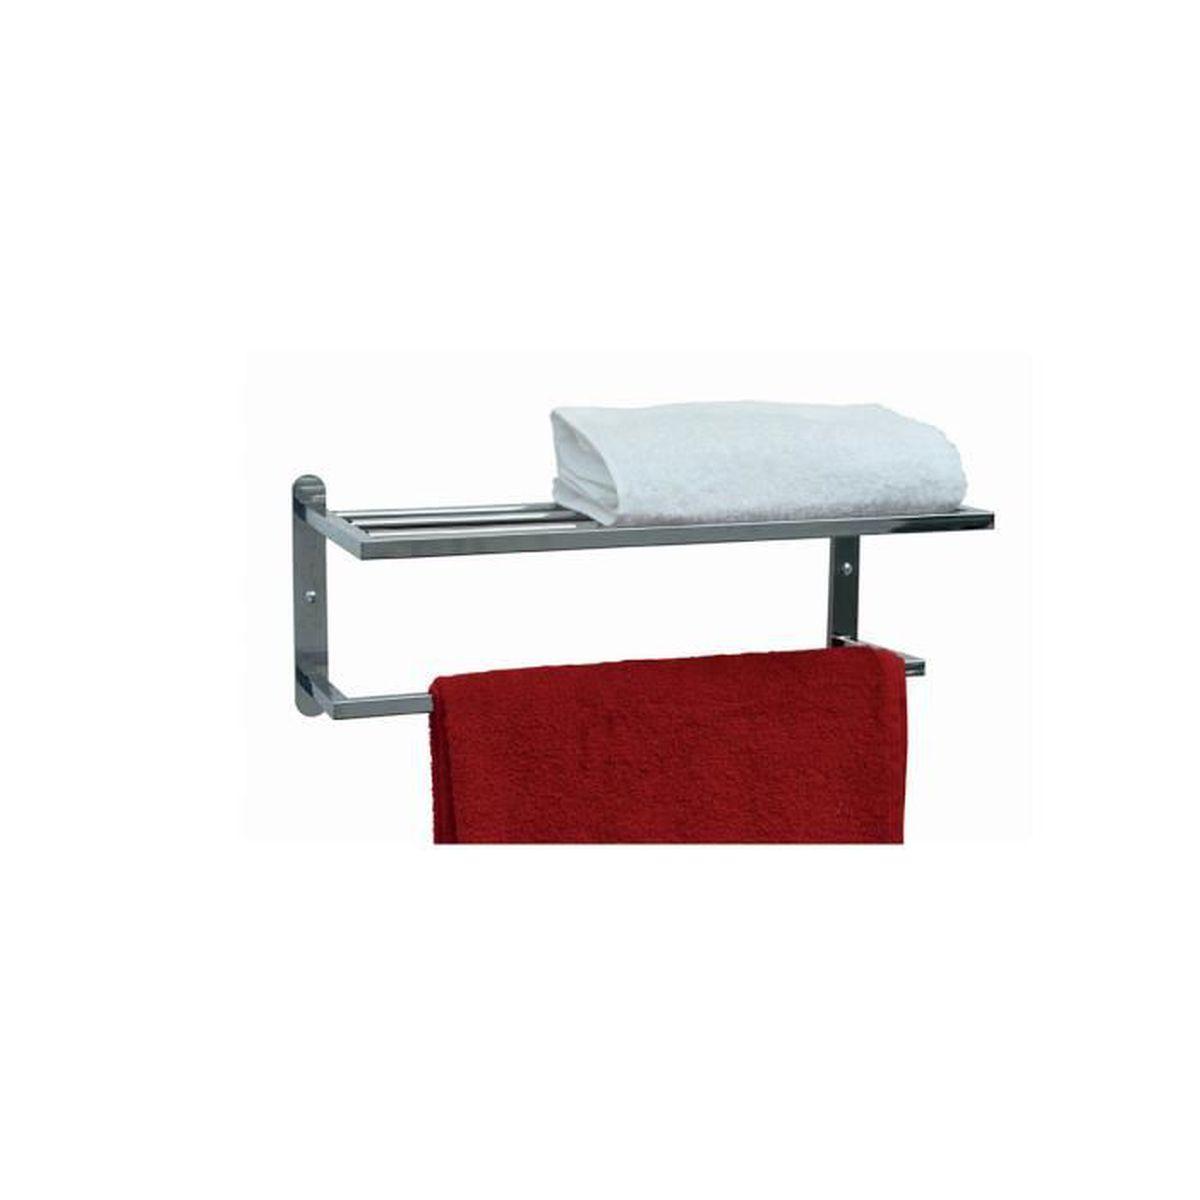 etag re murale porte serviettes tu argent achat. Black Bedroom Furniture Sets. Home Design Ideas